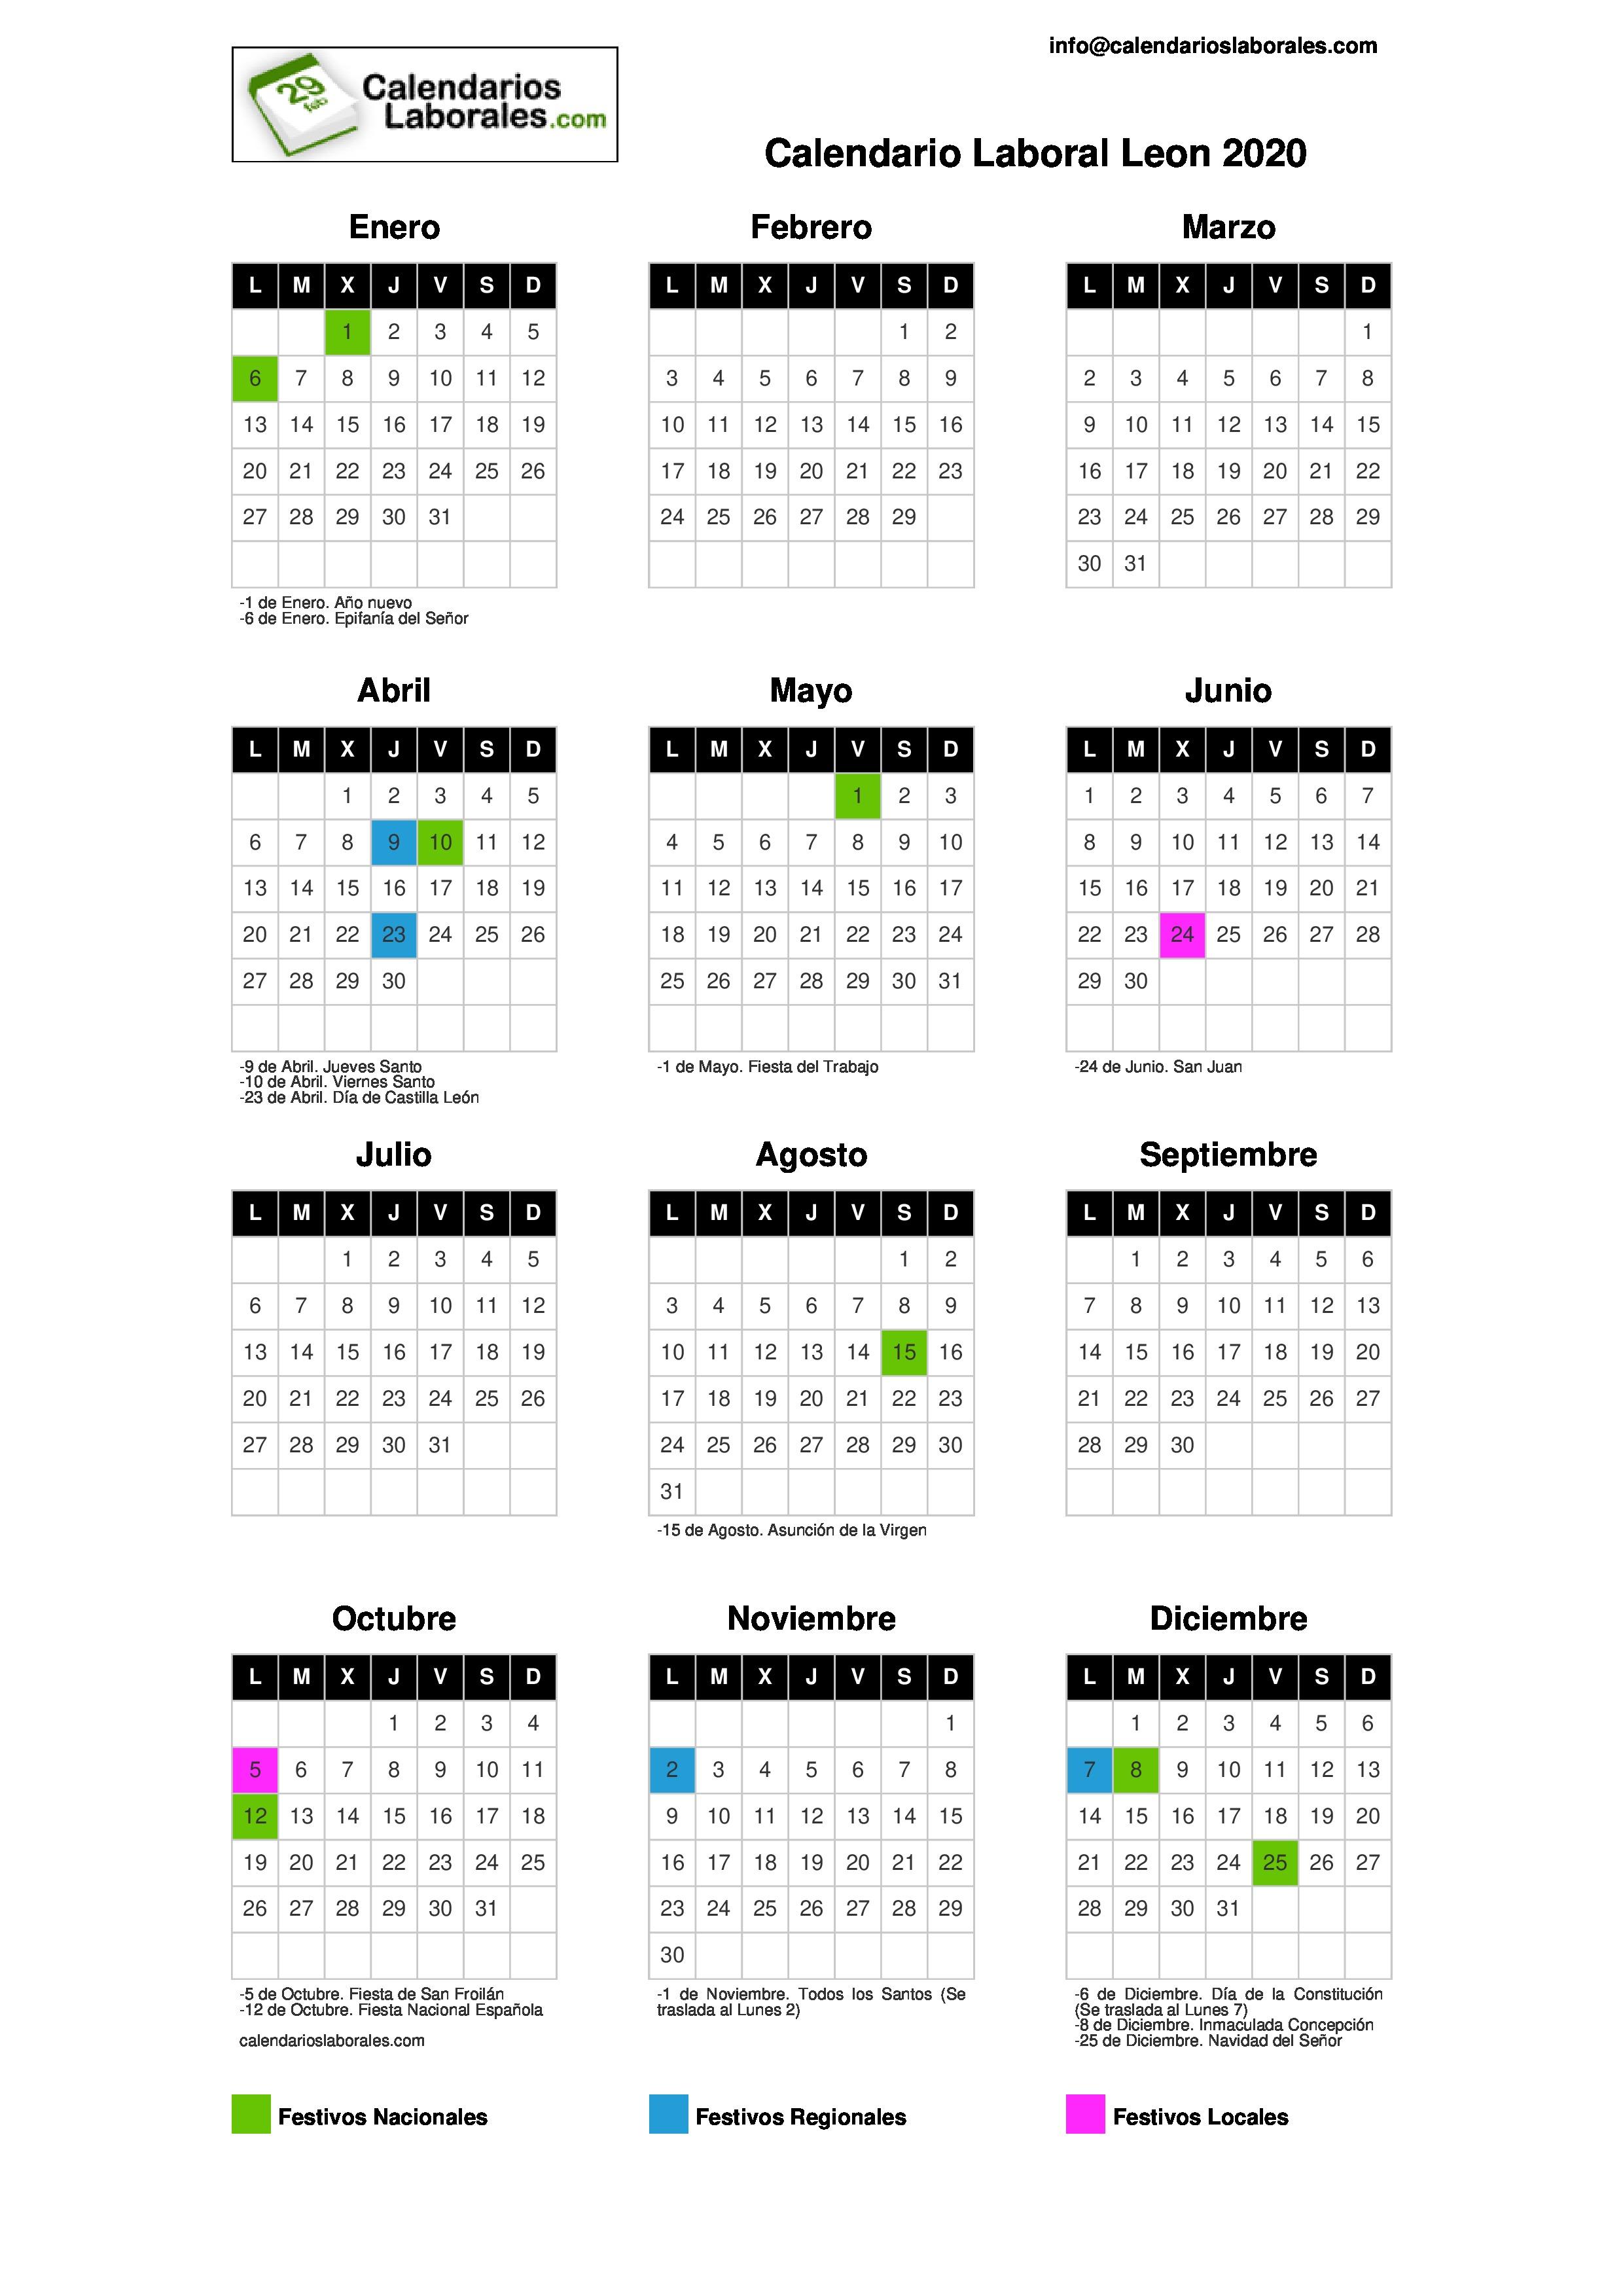 Calendario Laboral Castilla Y Leon 2020.Calendario Laboral Leon 2020